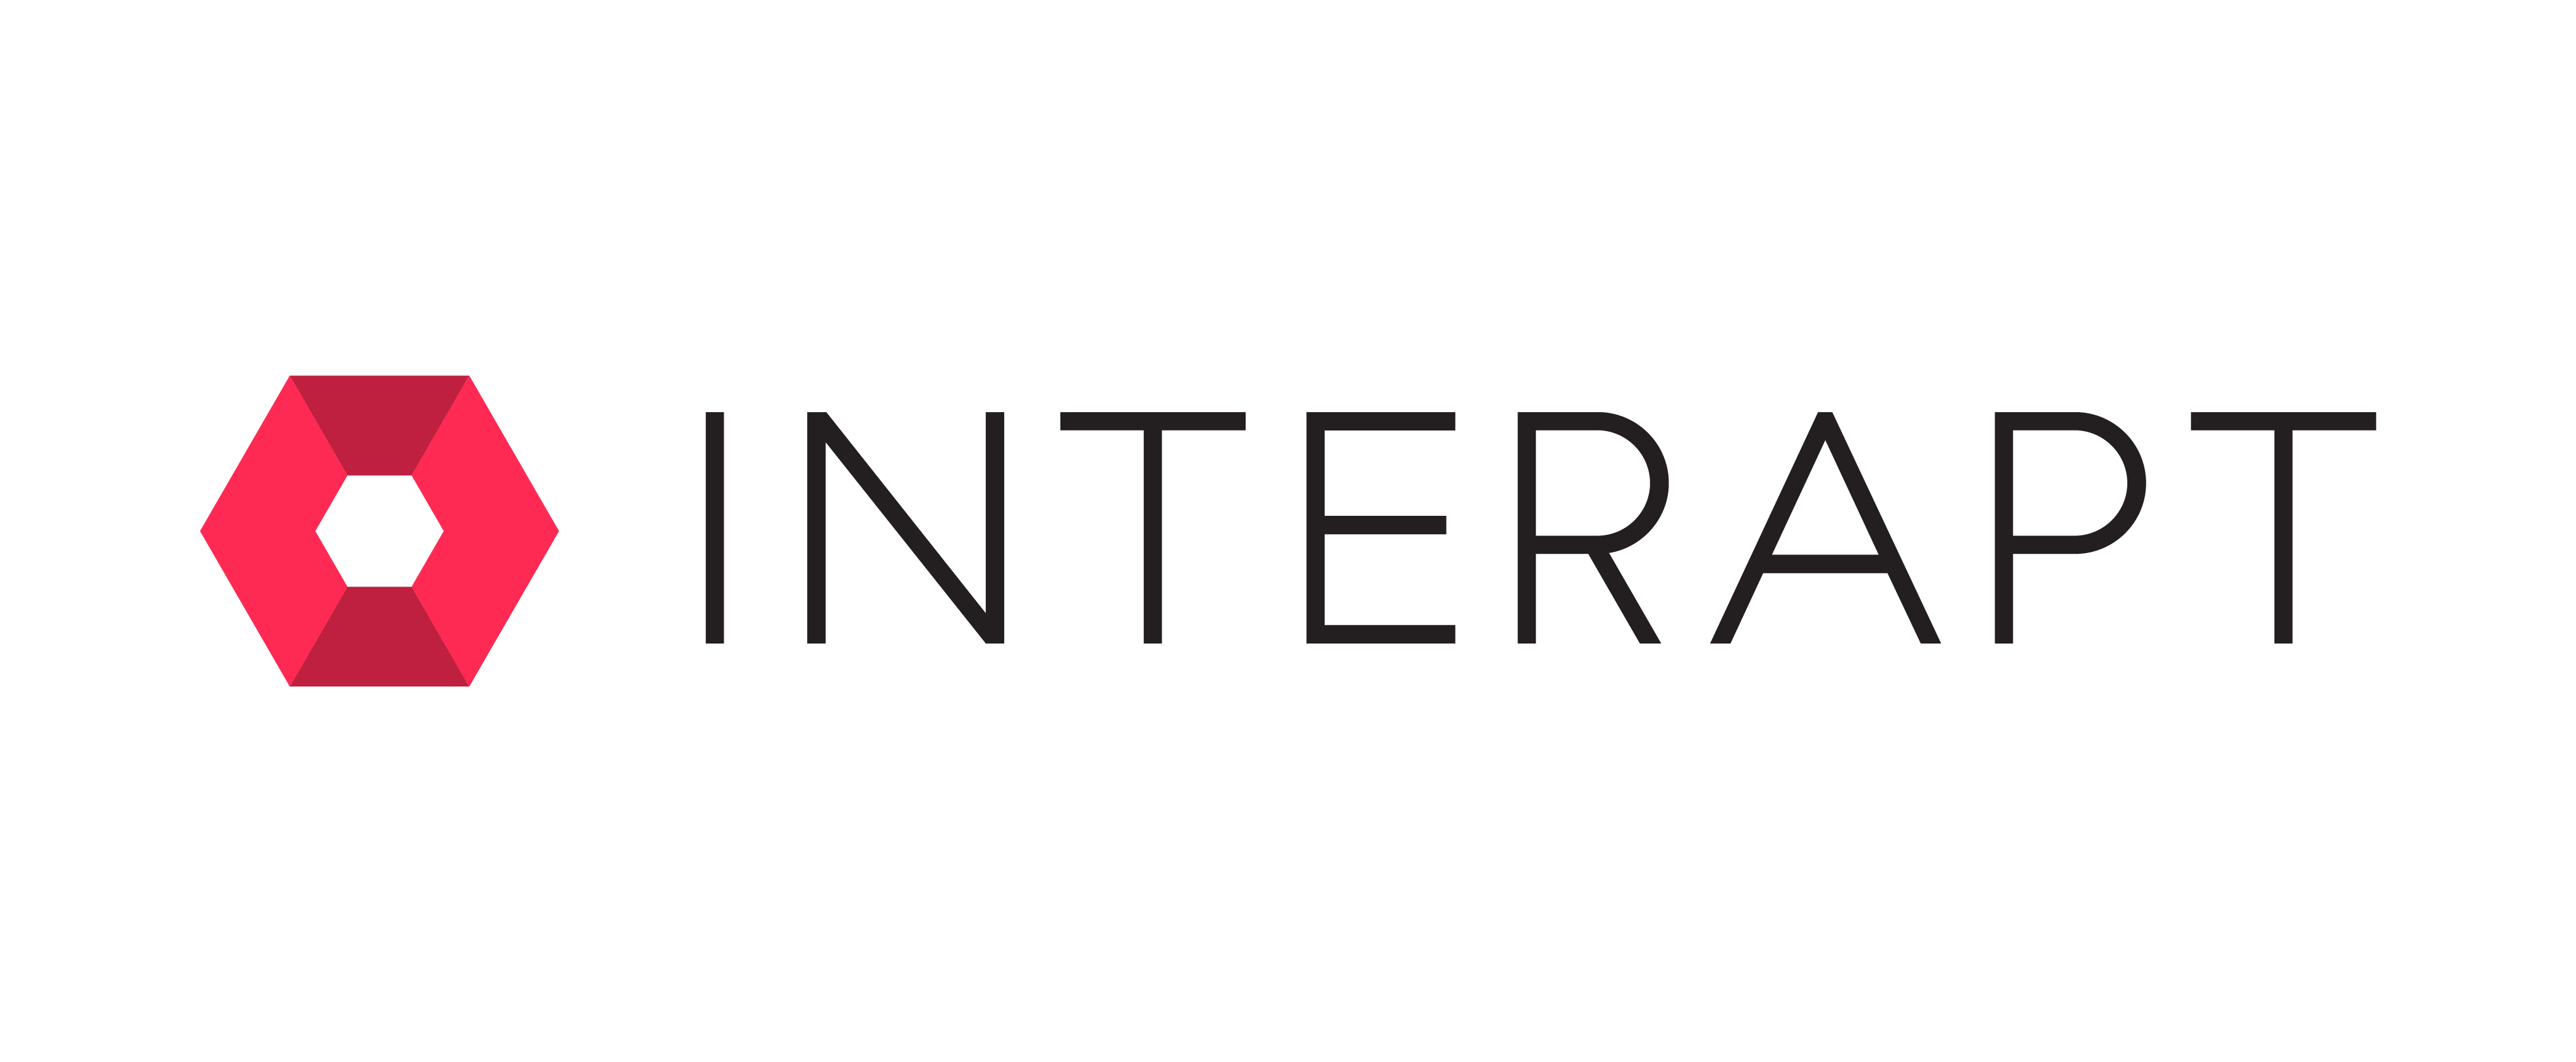 INTERAPT